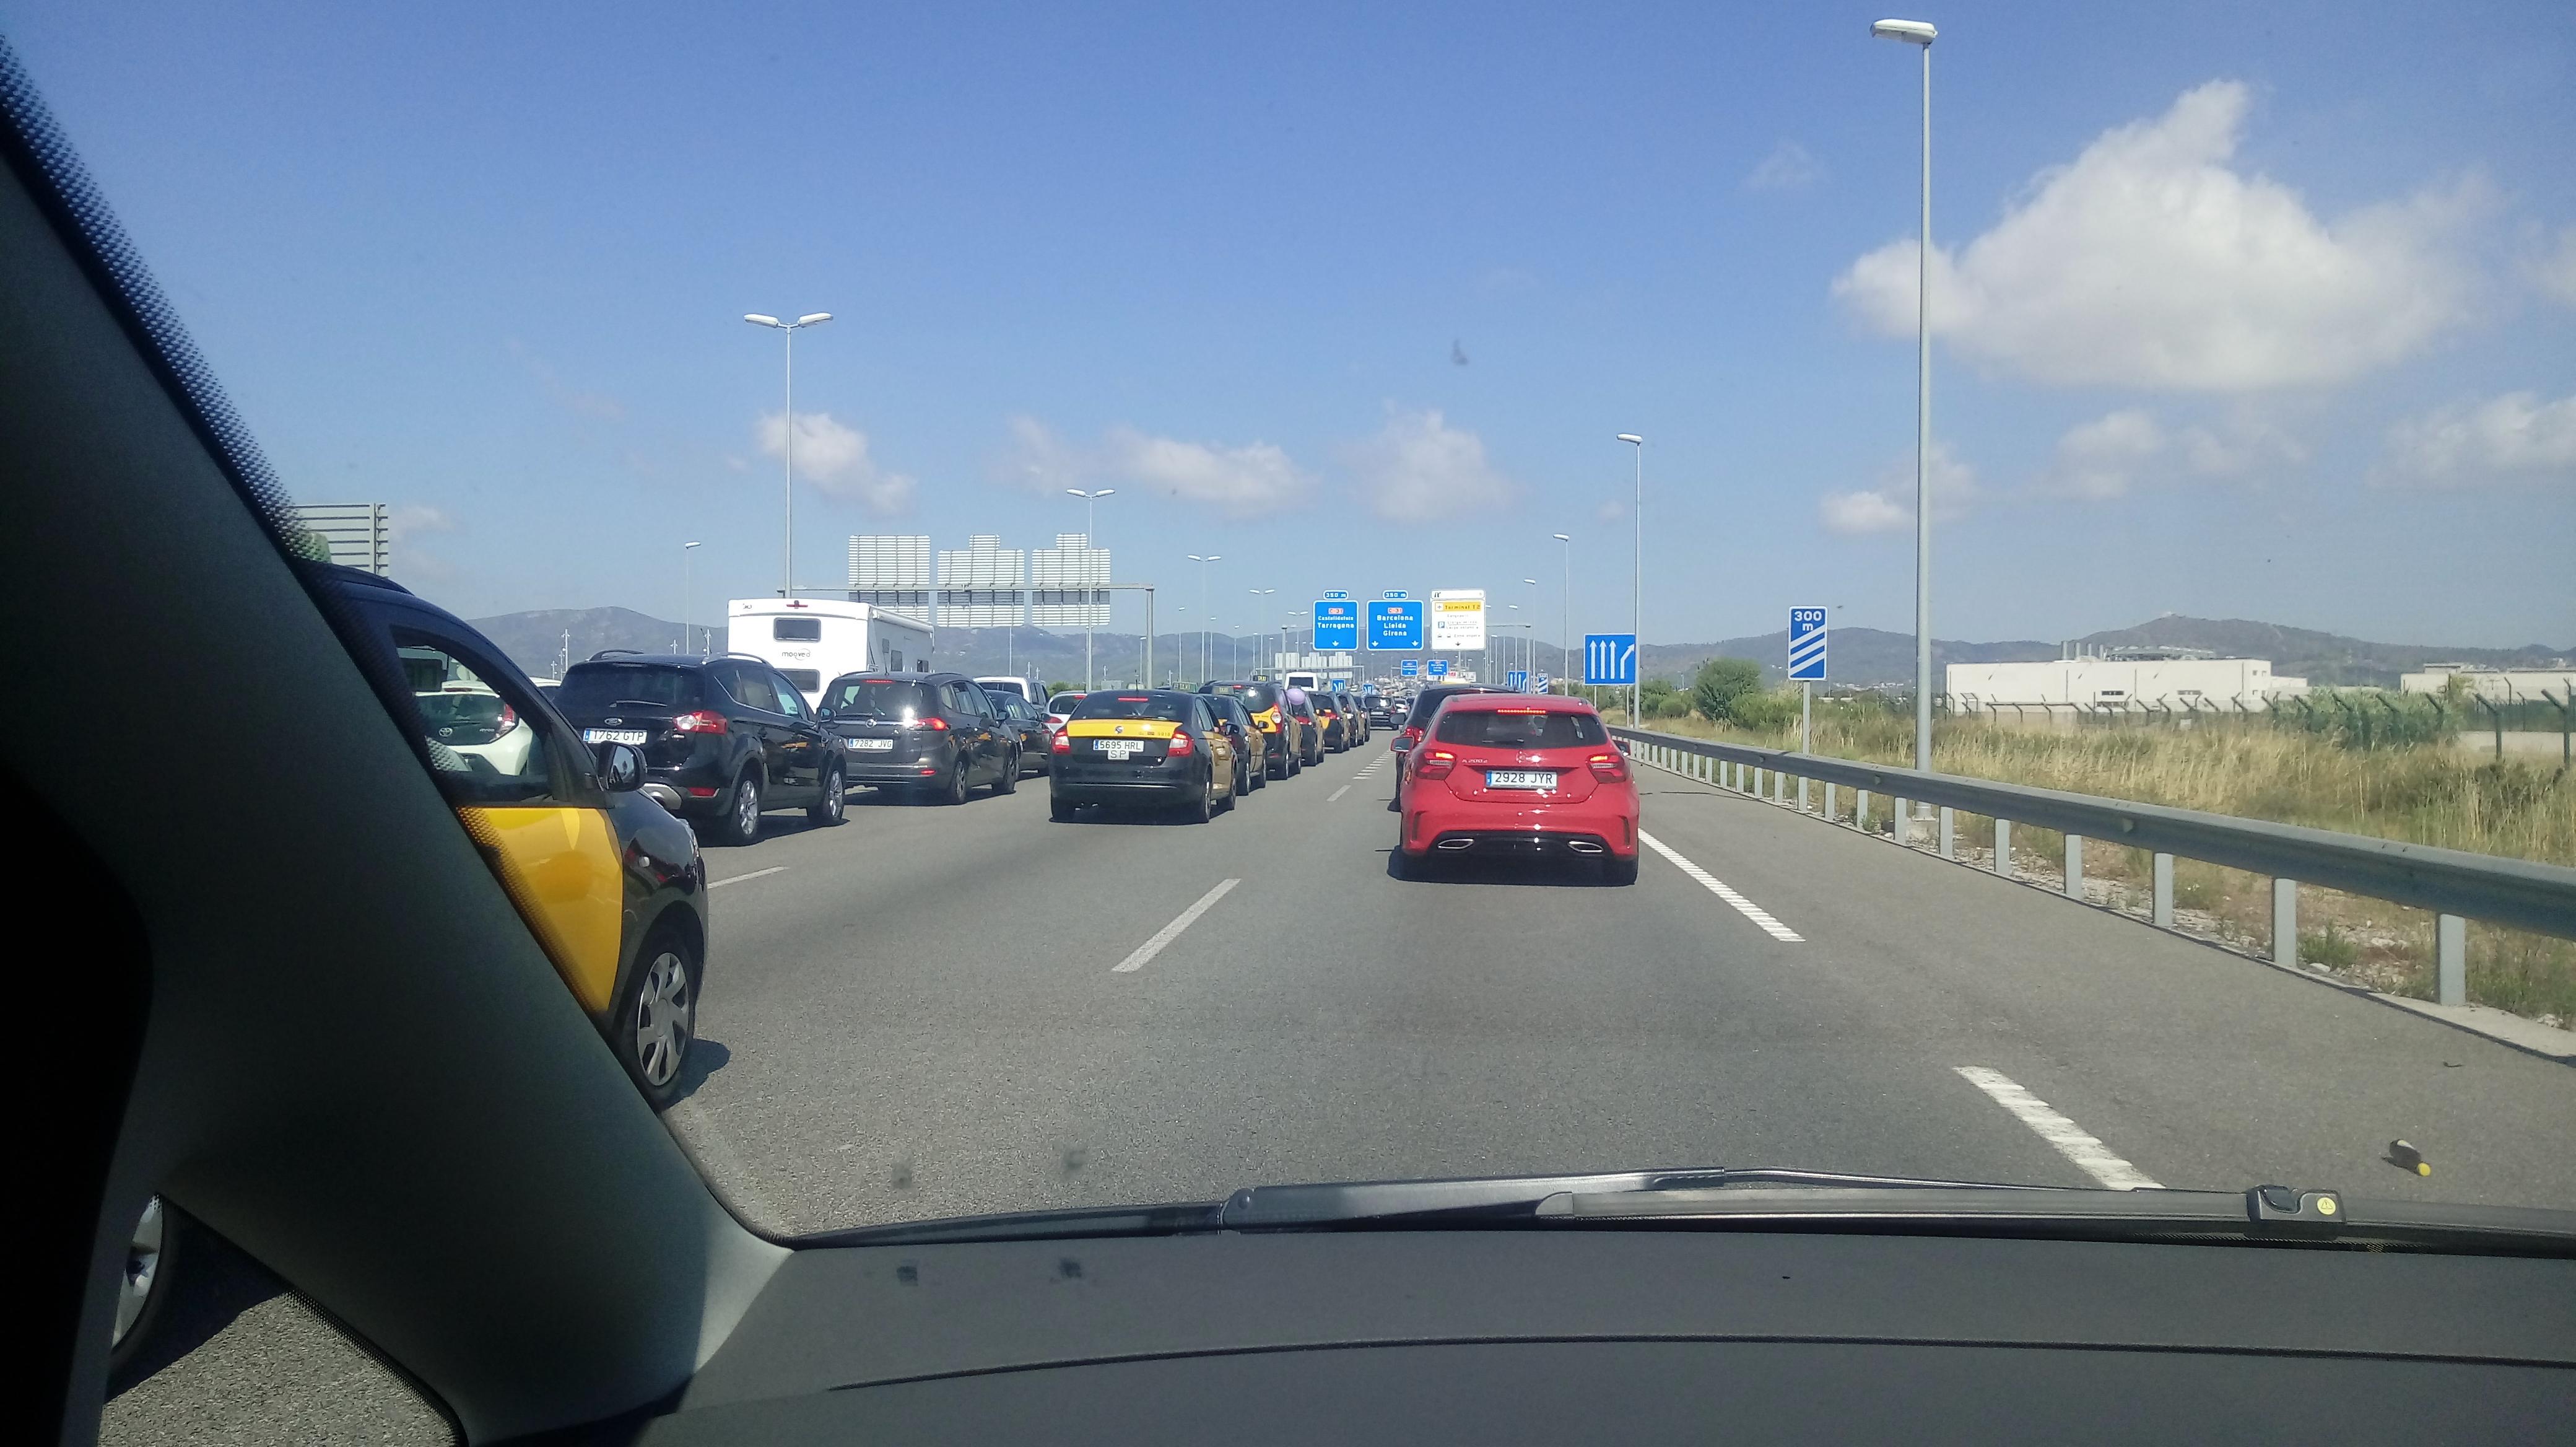 taxi strike in barcelona